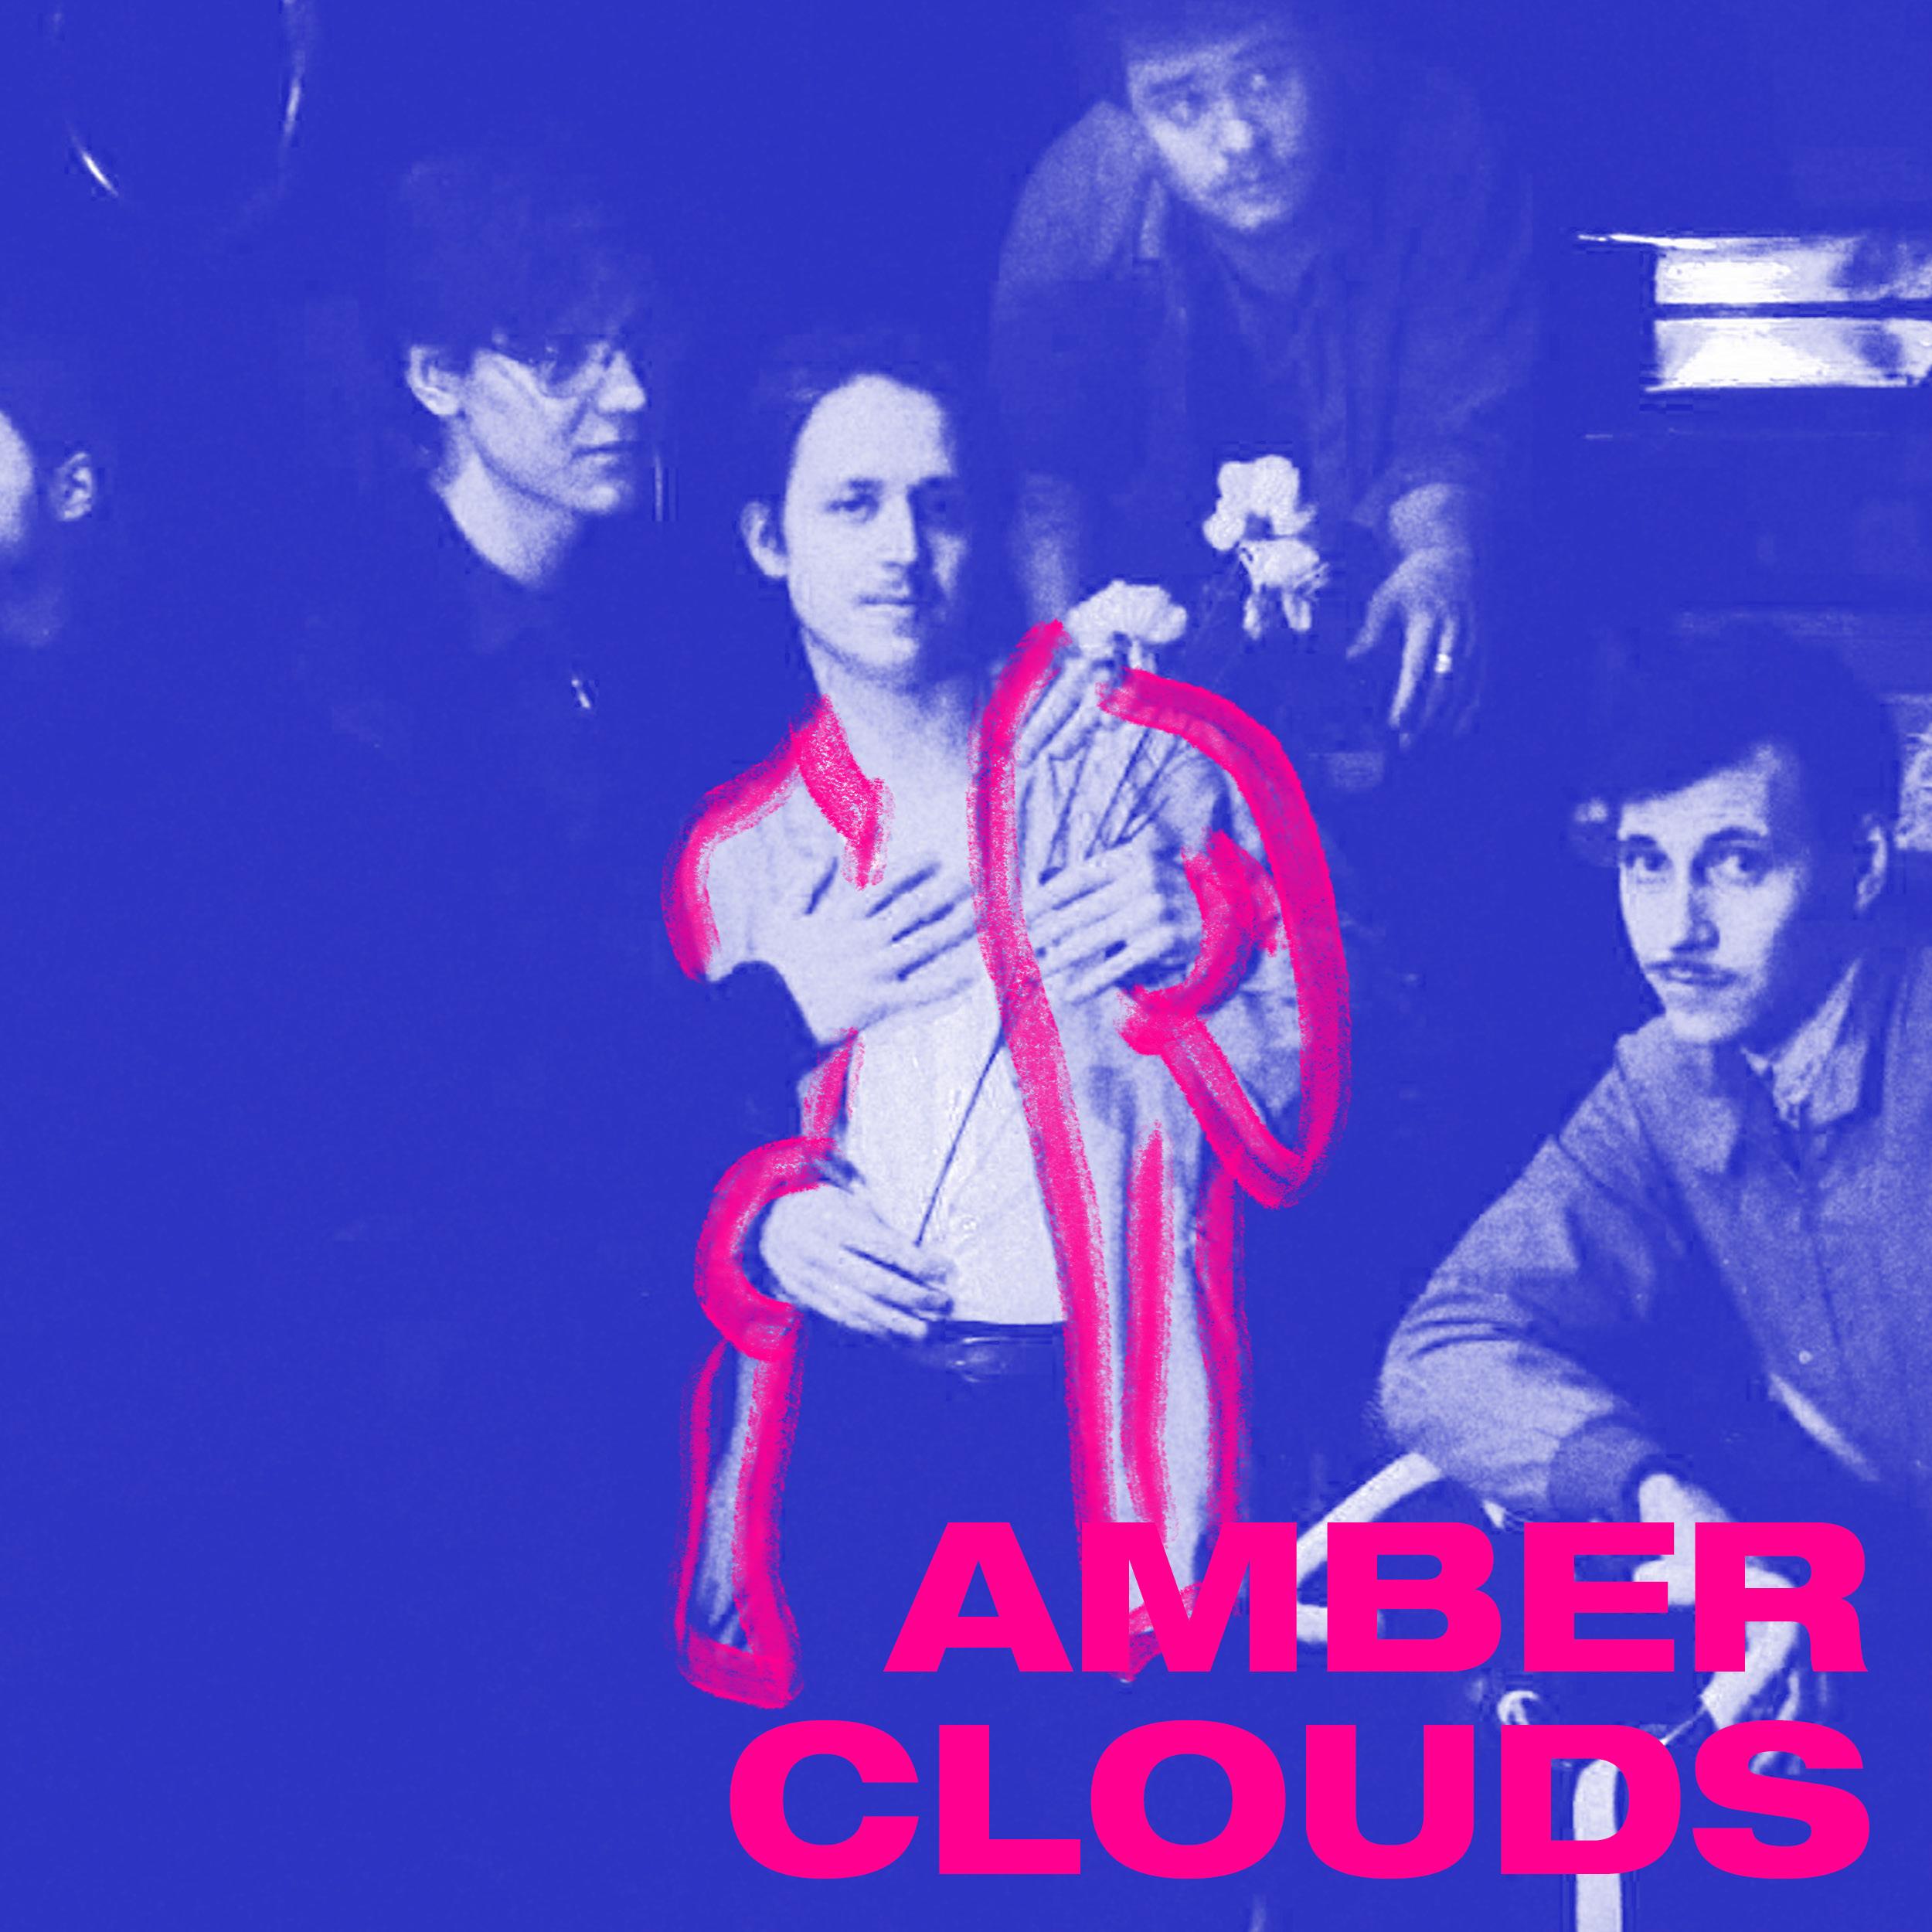 Amber Clouds er et ungt musikalsk prosjekt som blander søte popmelodier med dansbare gitarriff og shoegaze-nostalgi i atmosfæriske, til tider bråkete lydlandskap. Prosjektet har bare holdt på i et drøyt år, men har allerede sluppet et singel, samt spilt inn og produsert EP.